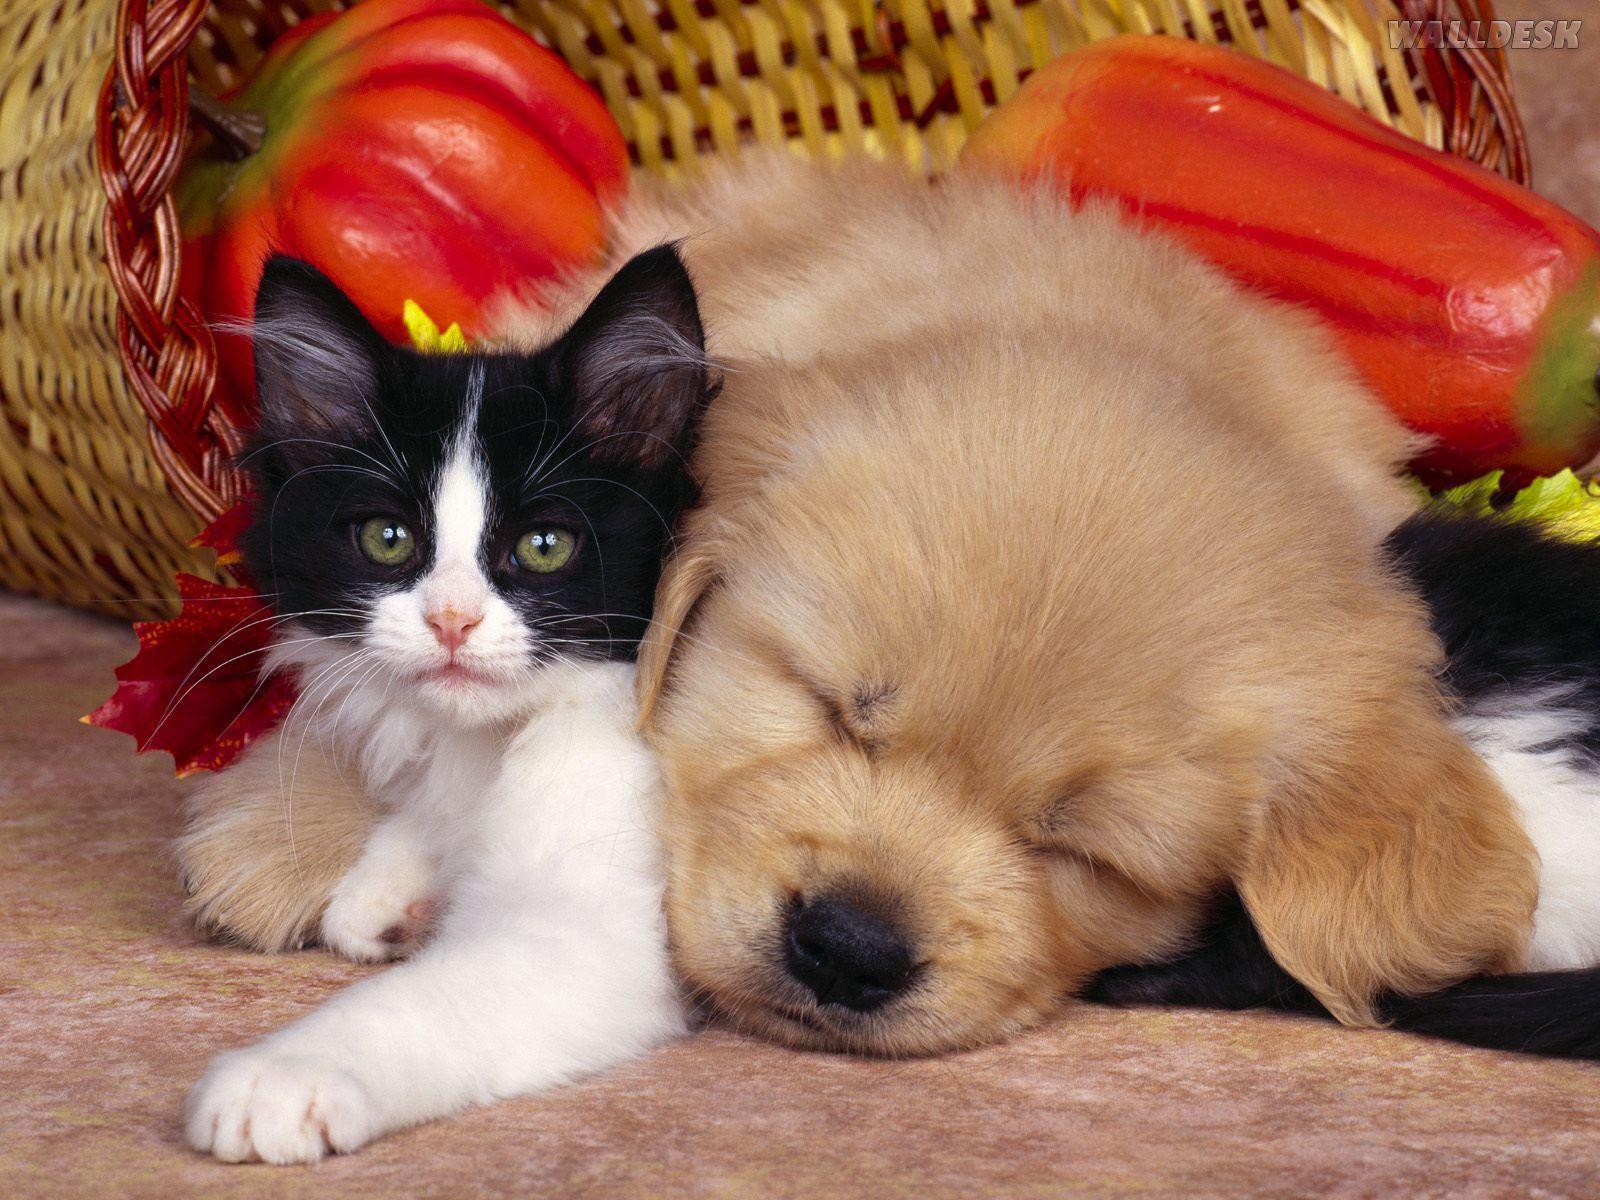 Alguém estava muito cansado para dormir na cama, quando achou um lugar mais quentinho e fofinho para descansar.